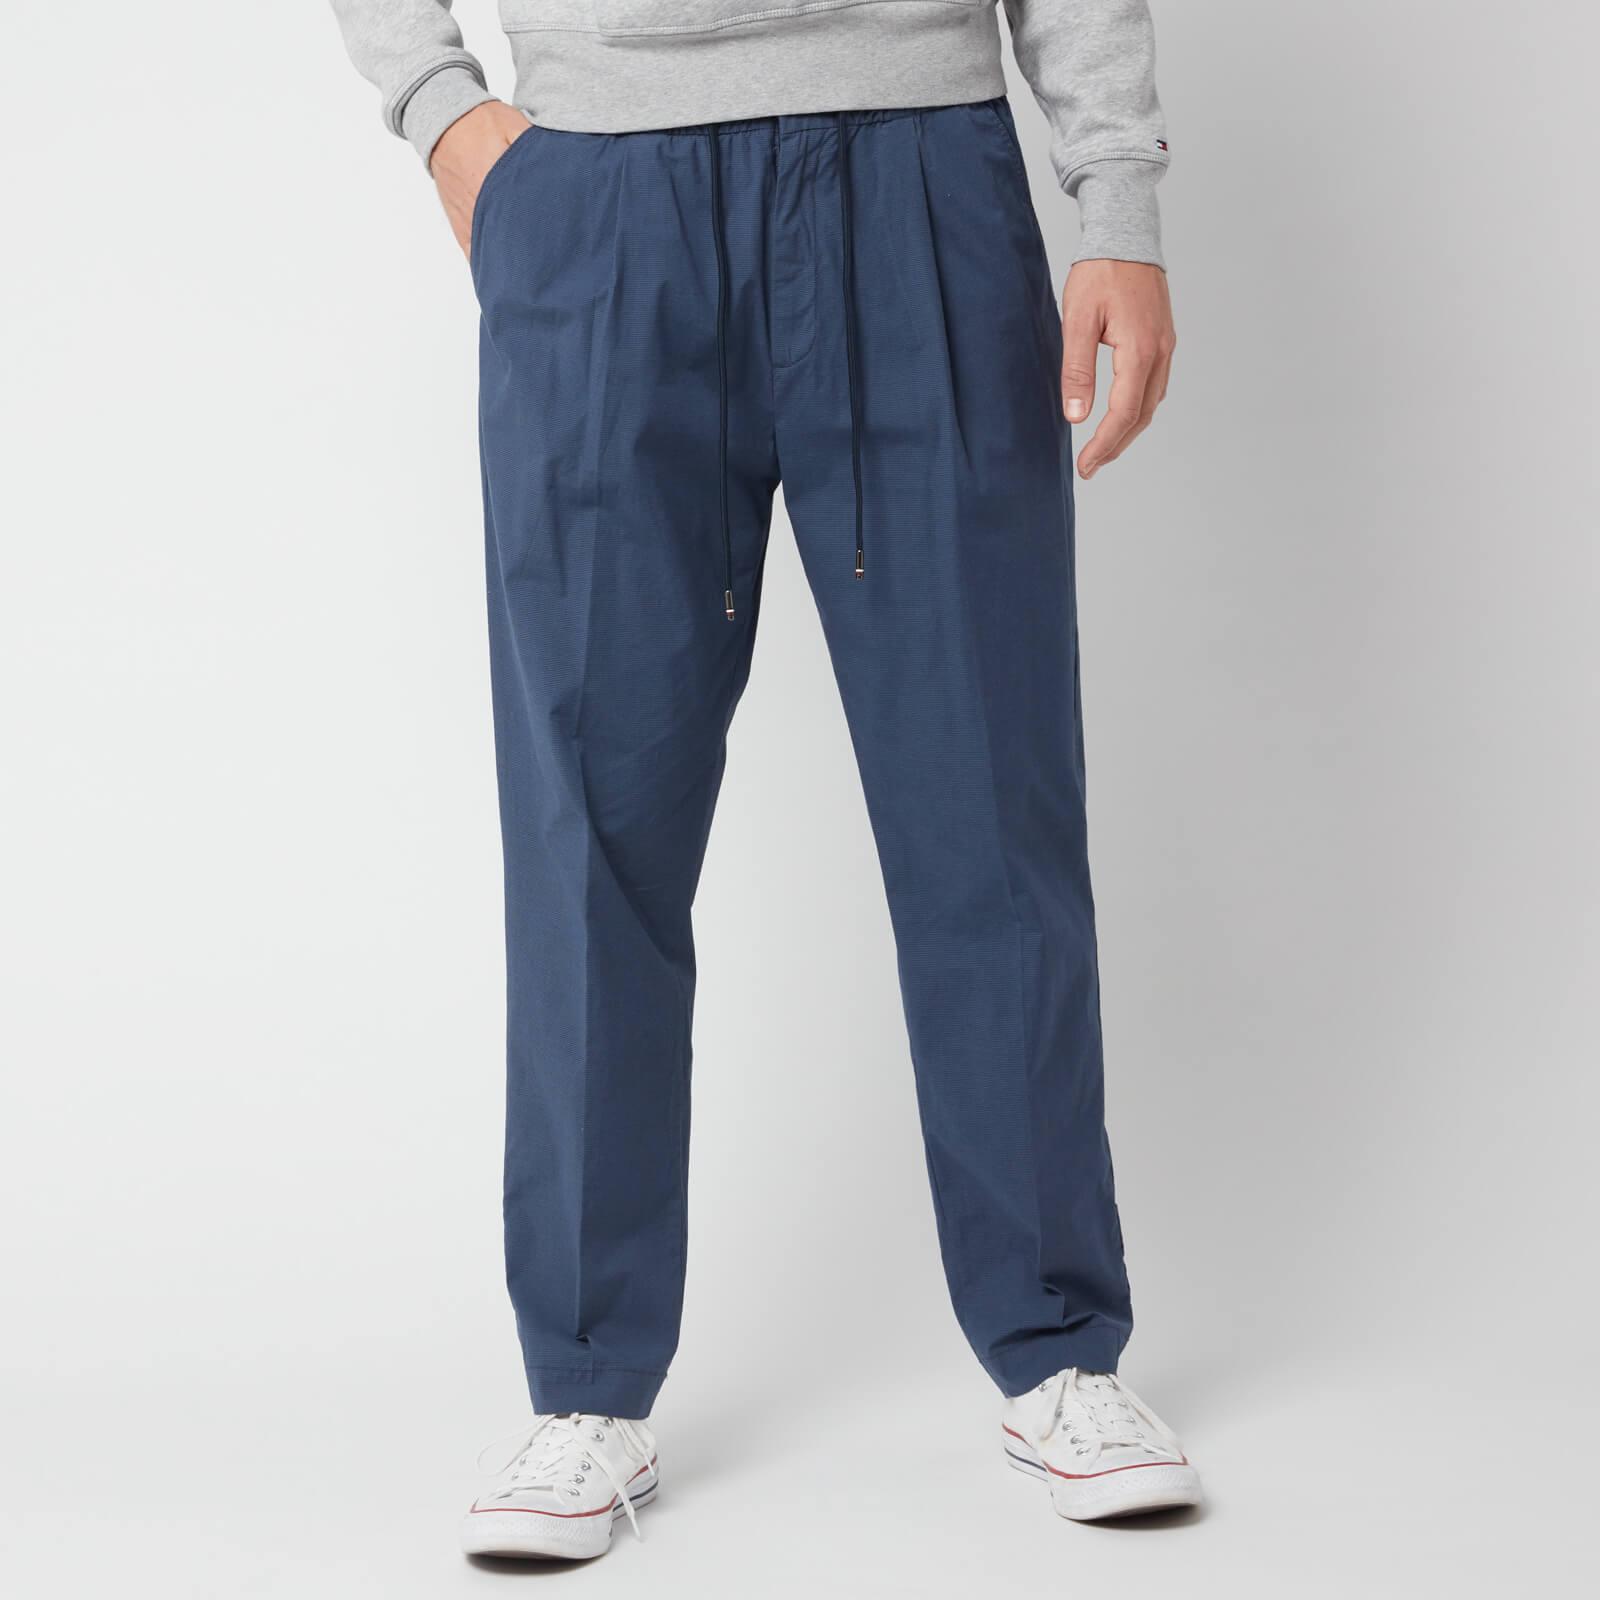 Tommy Hilfiger Men's Puppytooth Active Cotton Pants - Blue Quartz - M/W34 - Blue